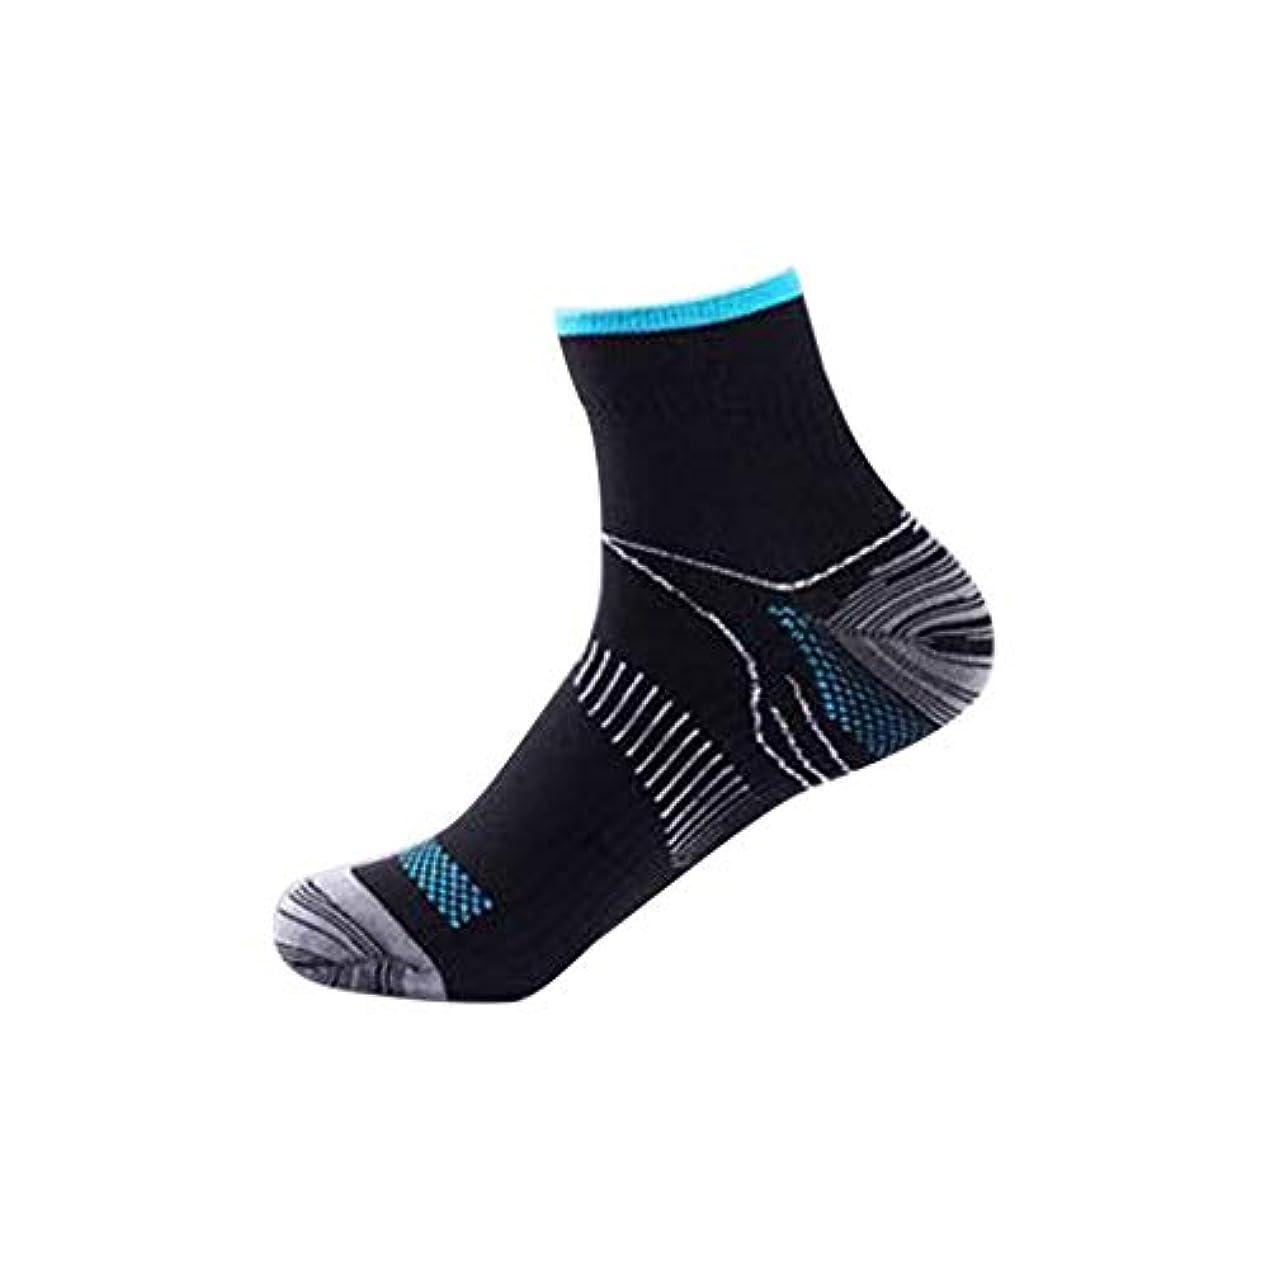 閲覧する話さておき快適な男性の女性の膝の靴下のサポートストレッチ通気性の靴下の下の短いストレッチ圧縮の靴下(Color:black&blue)(Size:S/M)